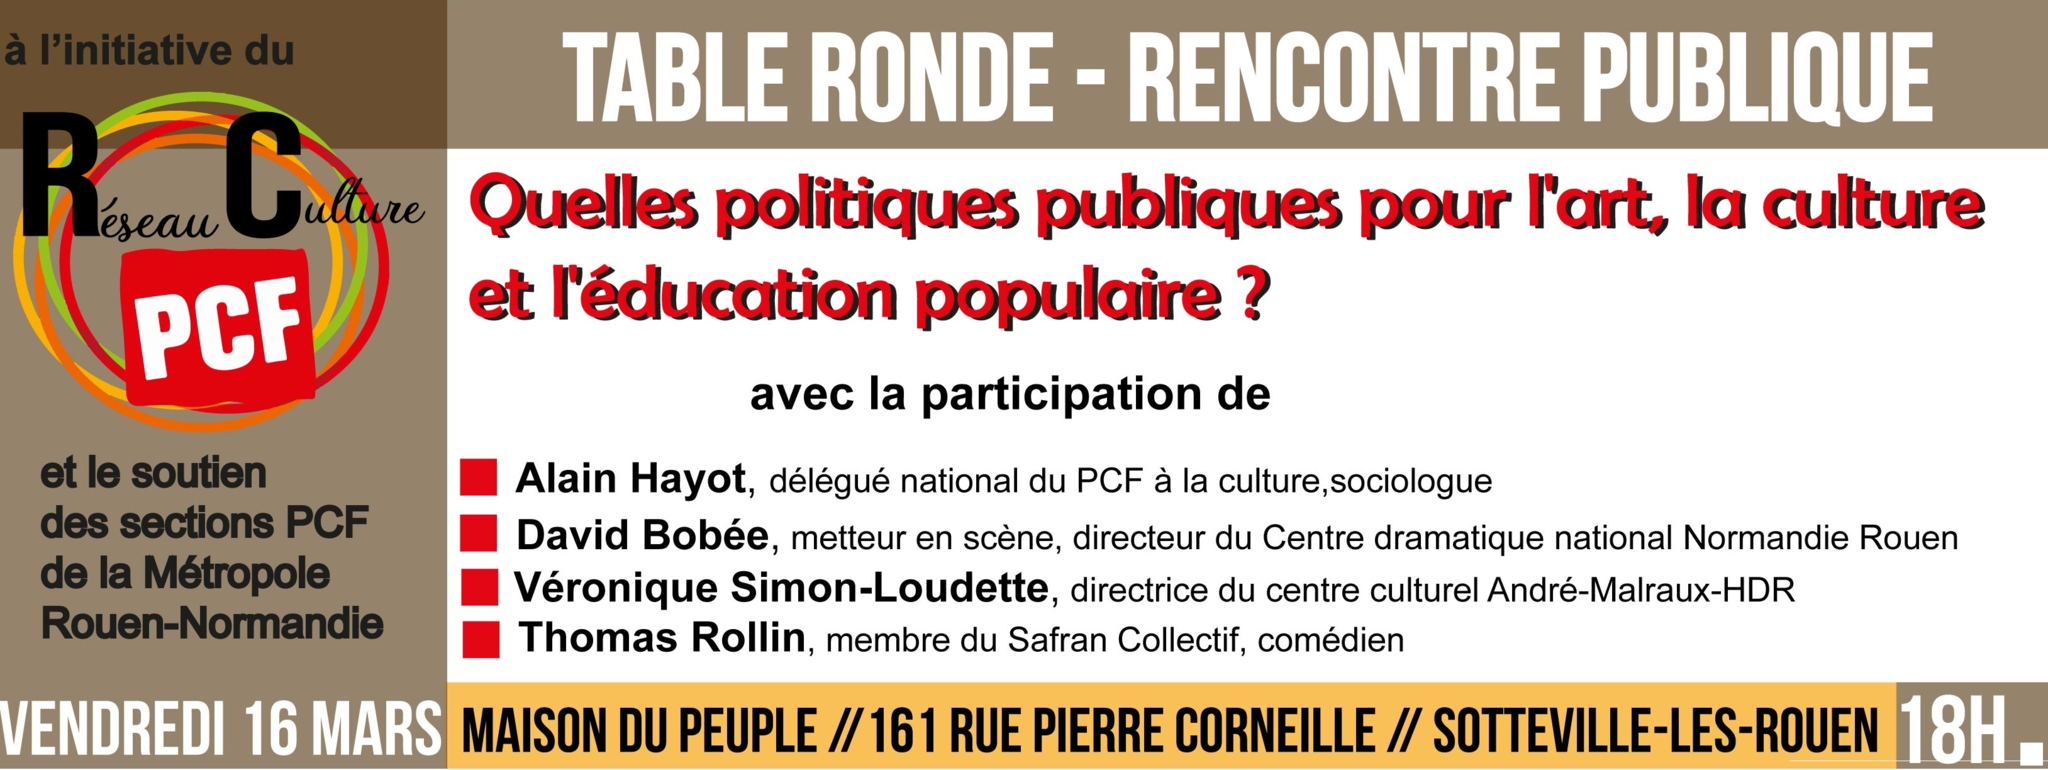 L'art, la culture, l'éducation populaire en débat à Sotteville, le vendredi 16 mars